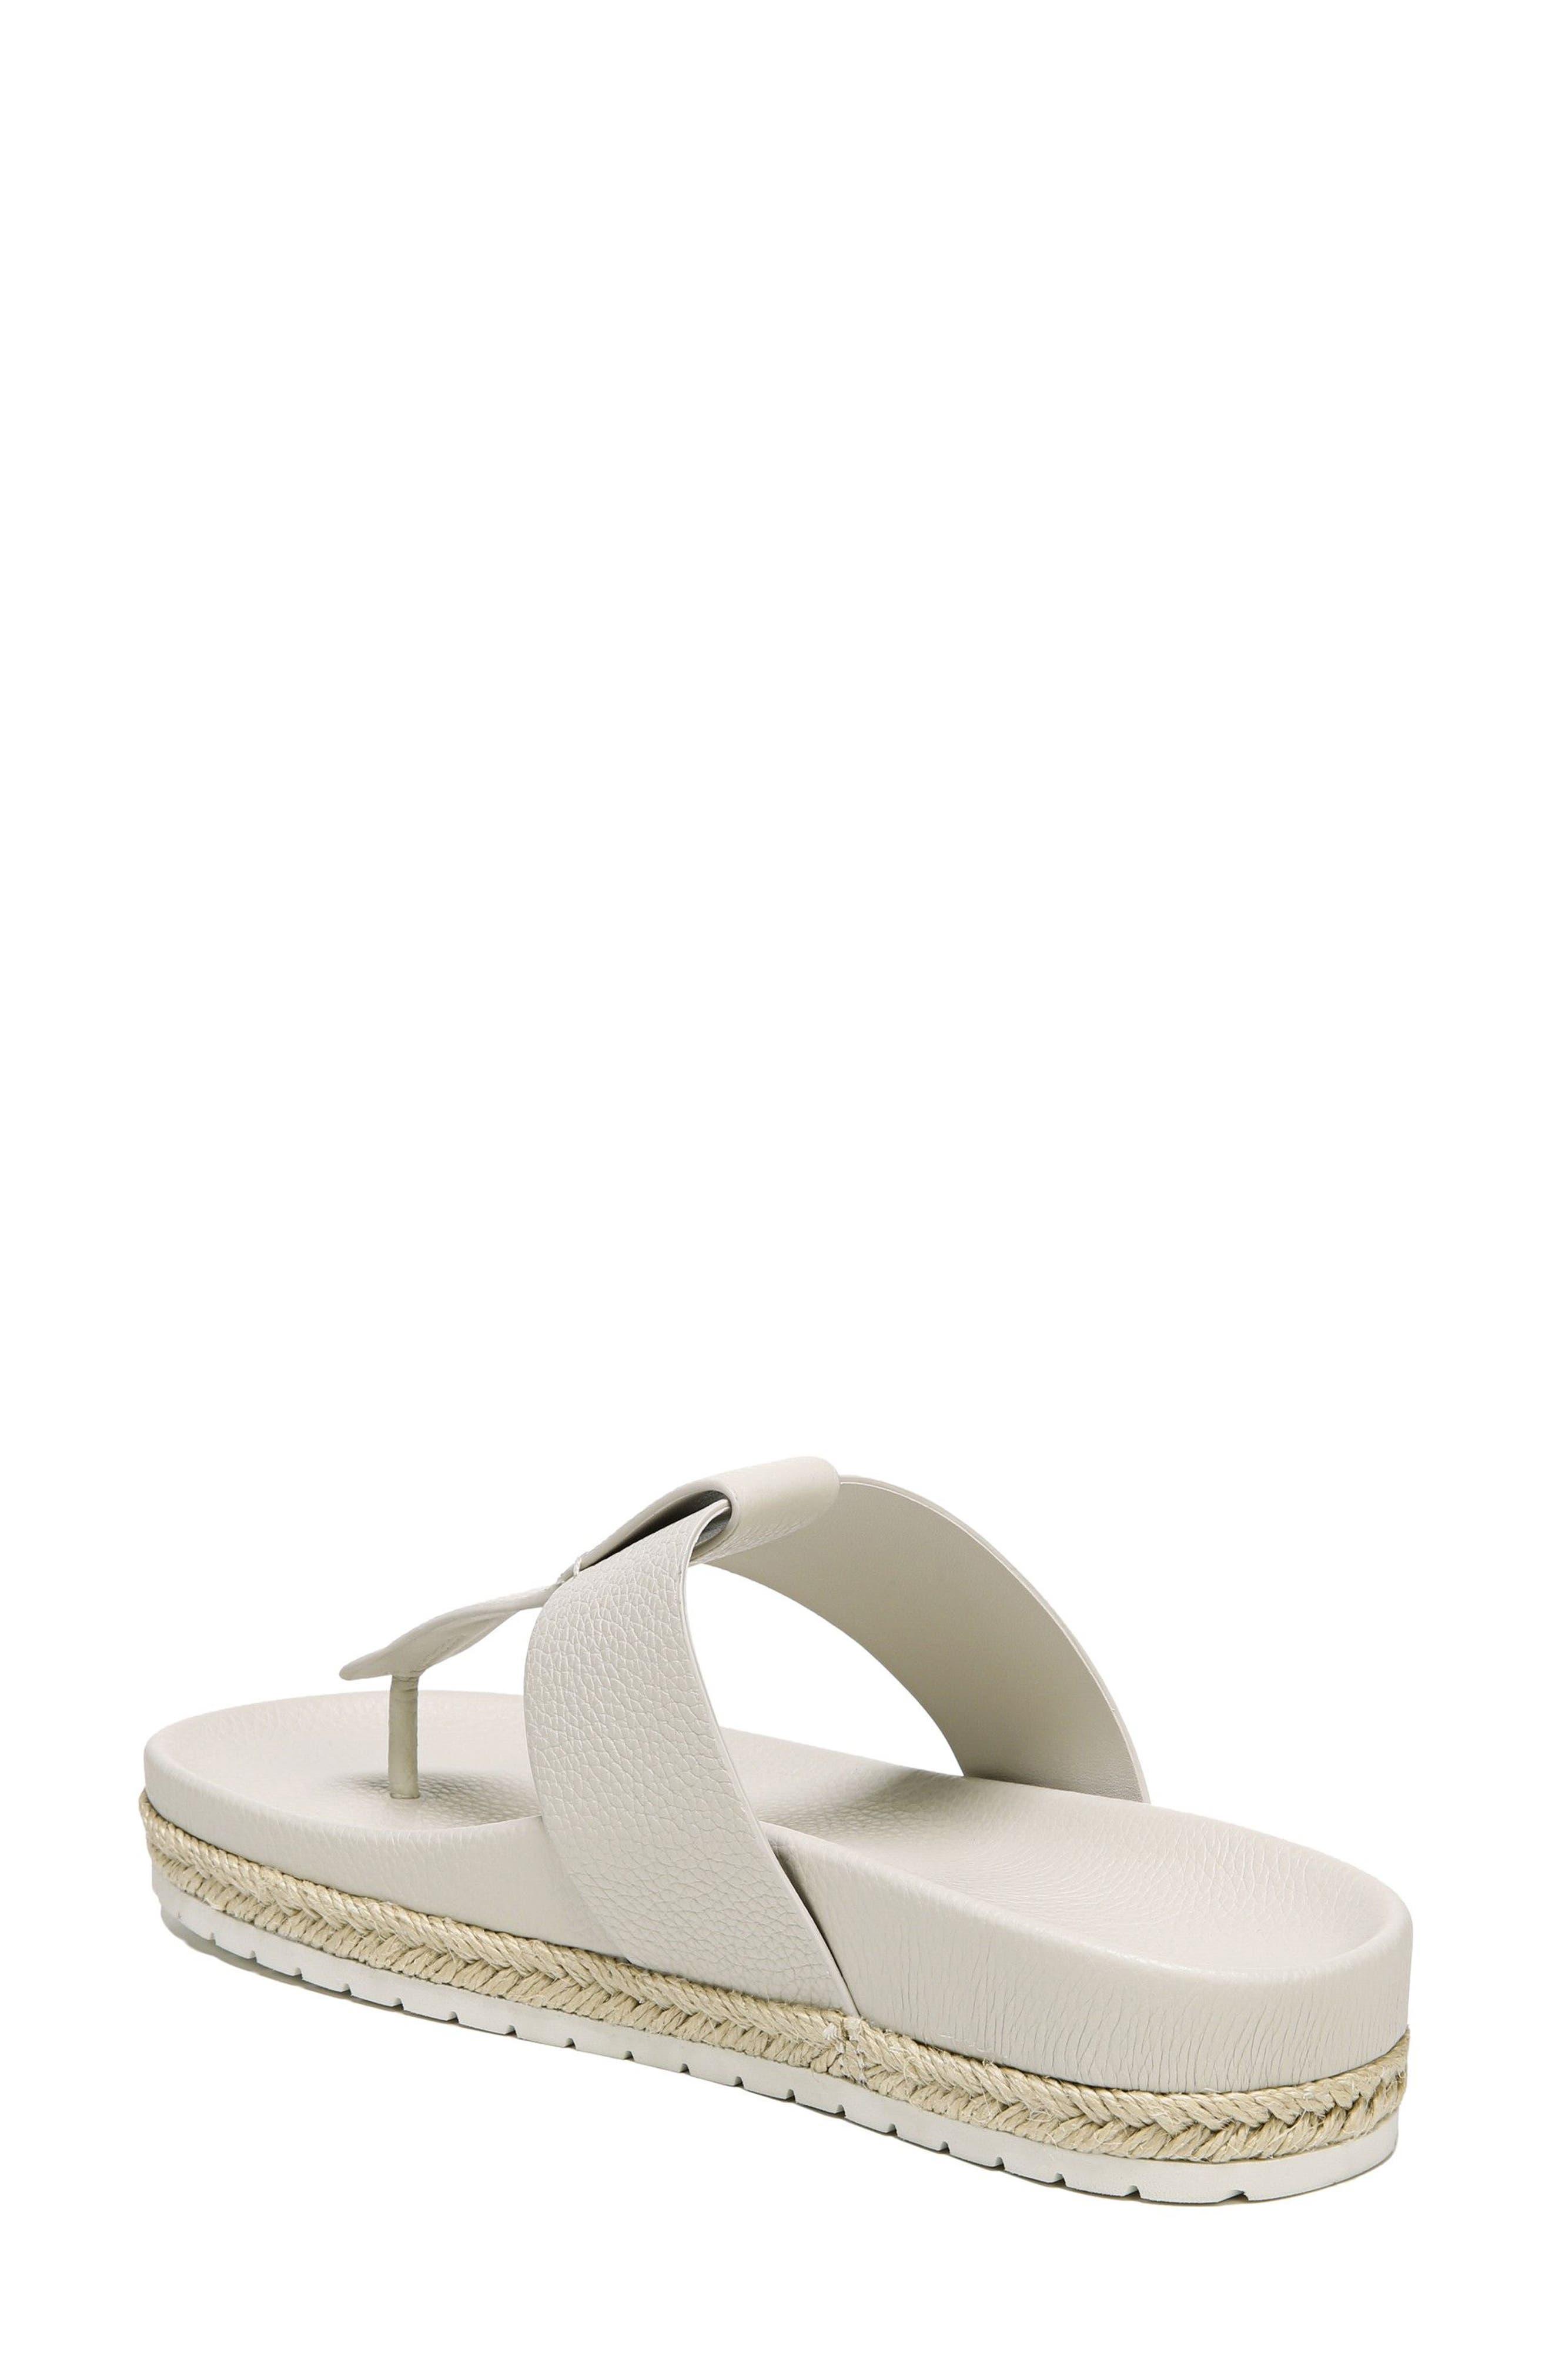 Avani T-Strap Flat Sandal,                             Alternate thumbnail 6, color,